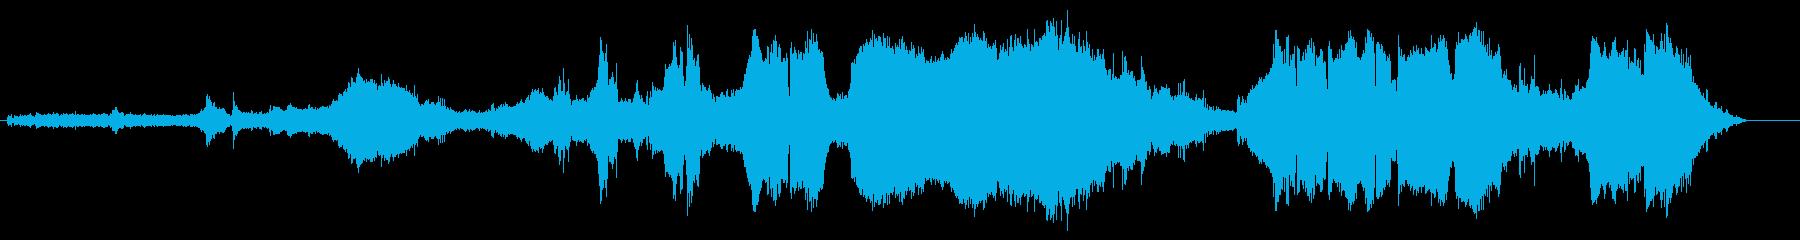 トヨタアトランティックレーシング;...の再生済みの波形